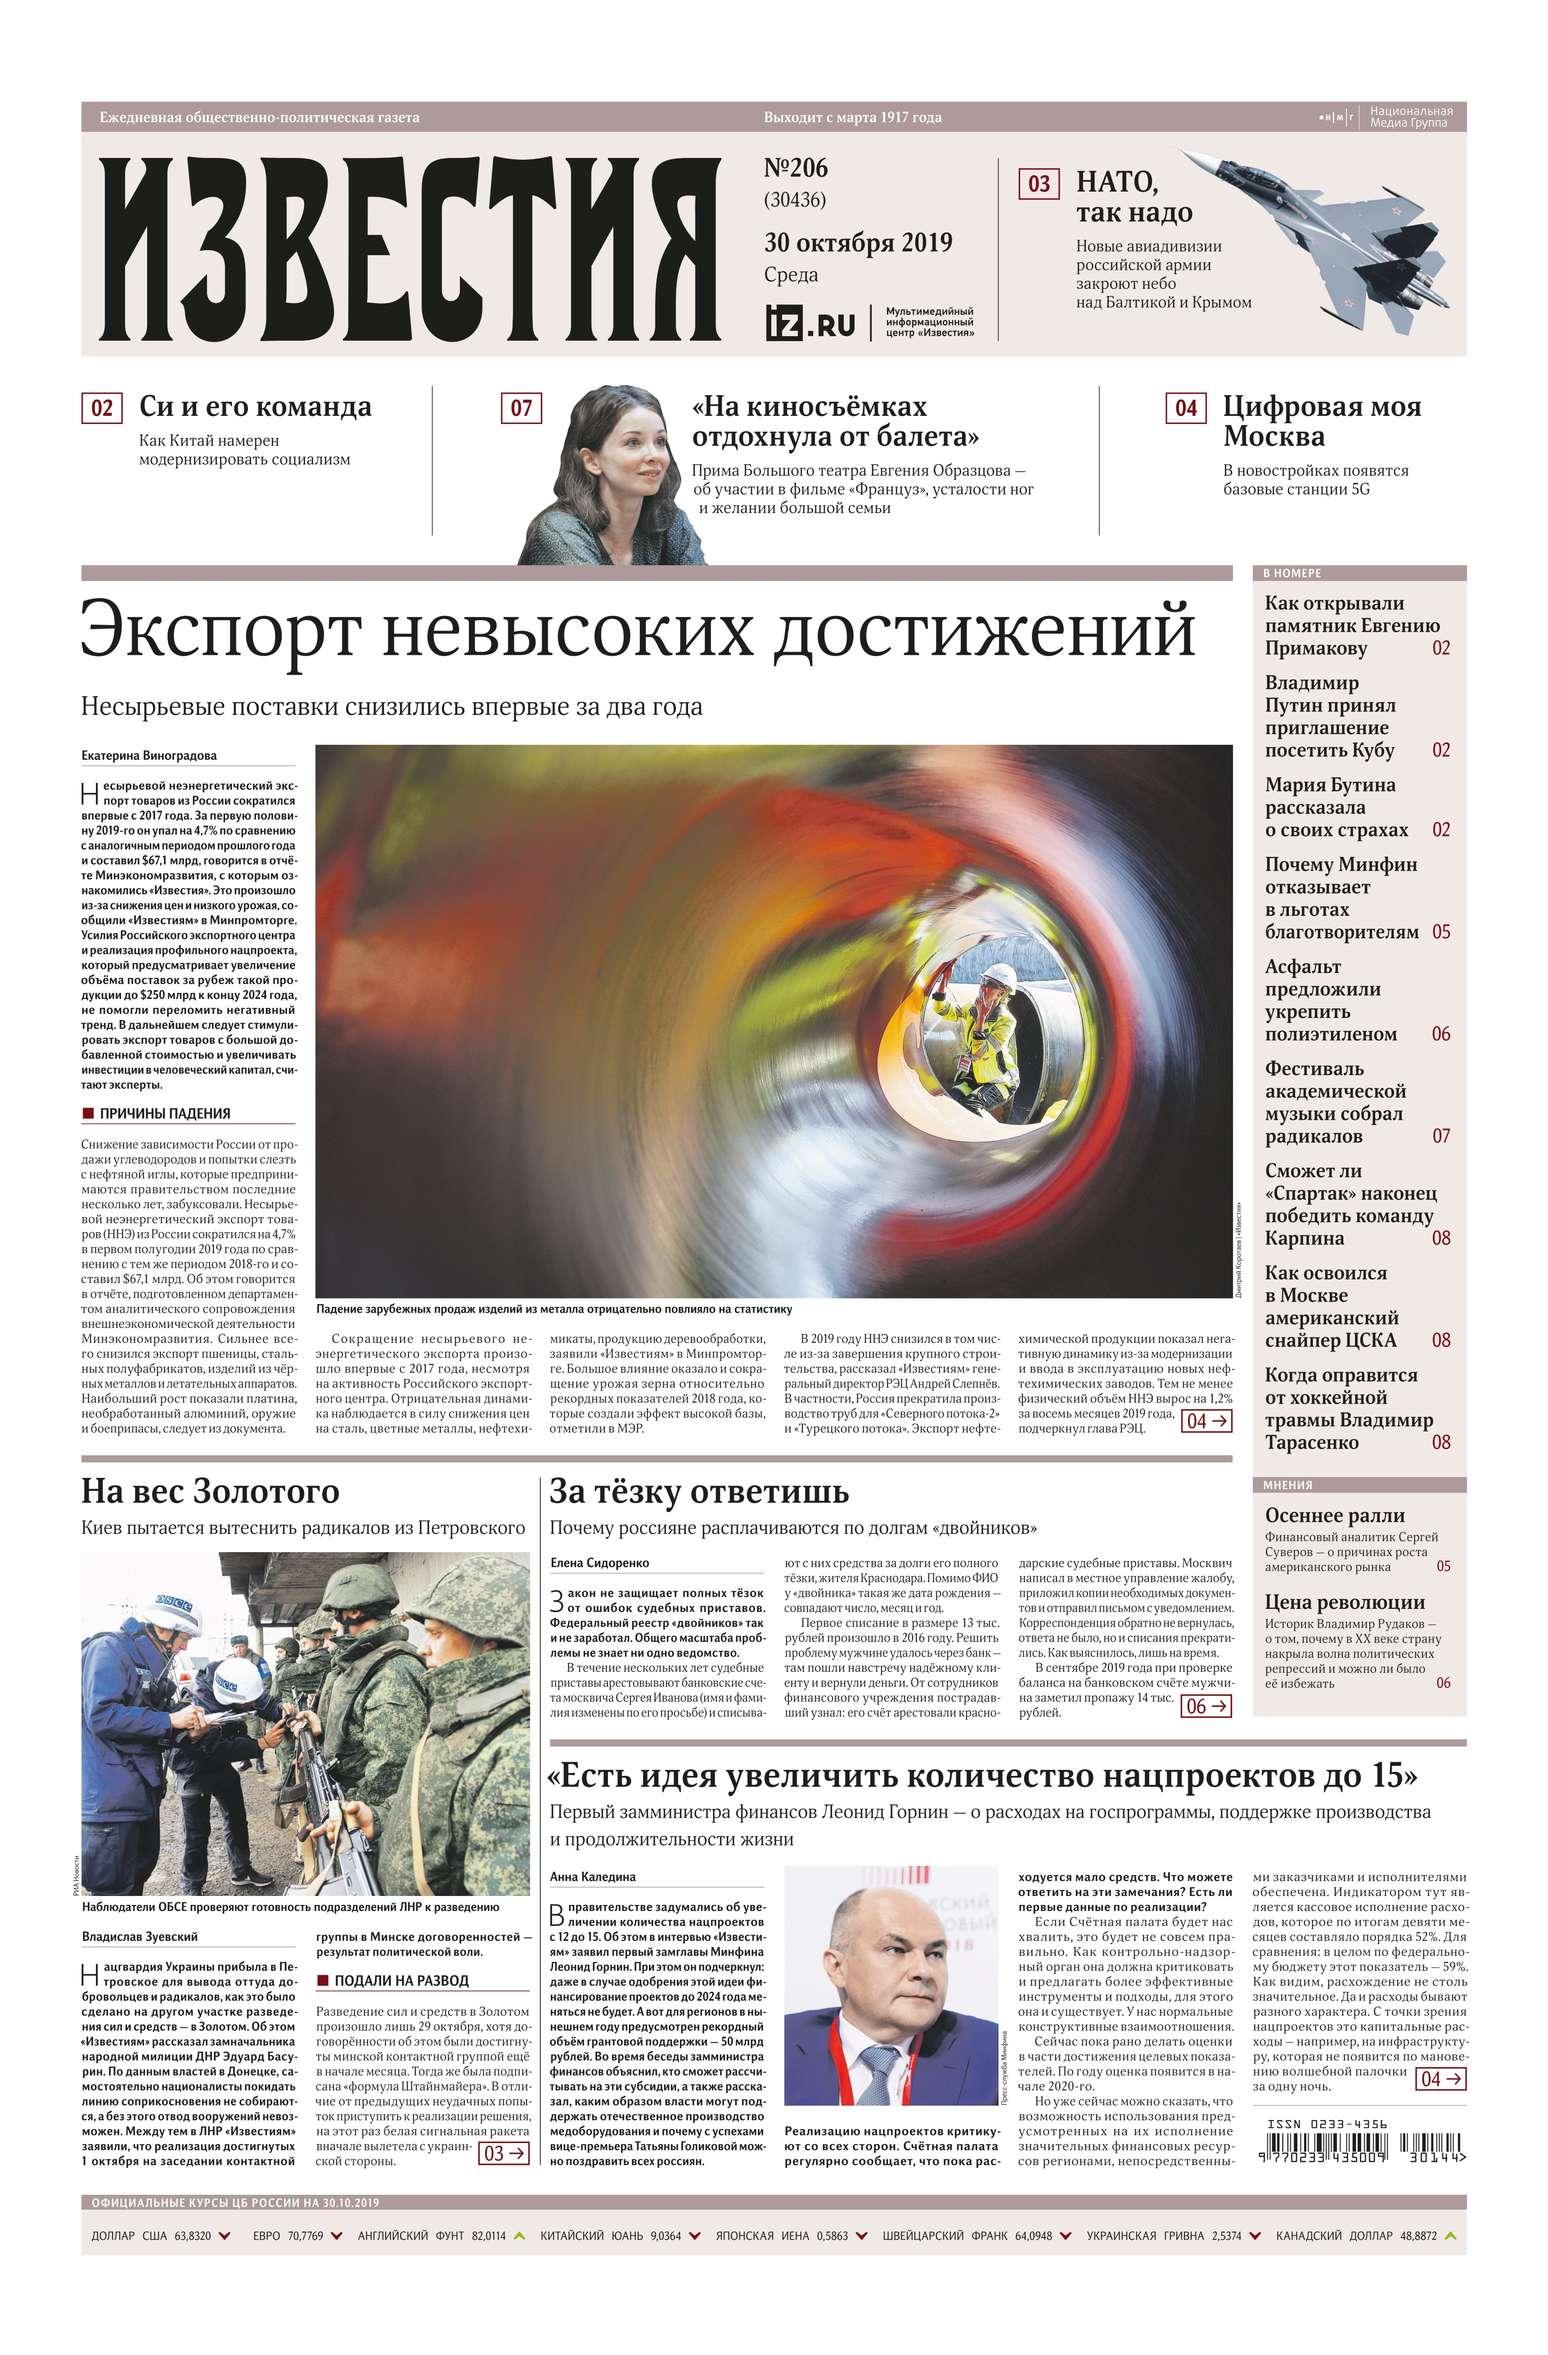 Известия 206-2019